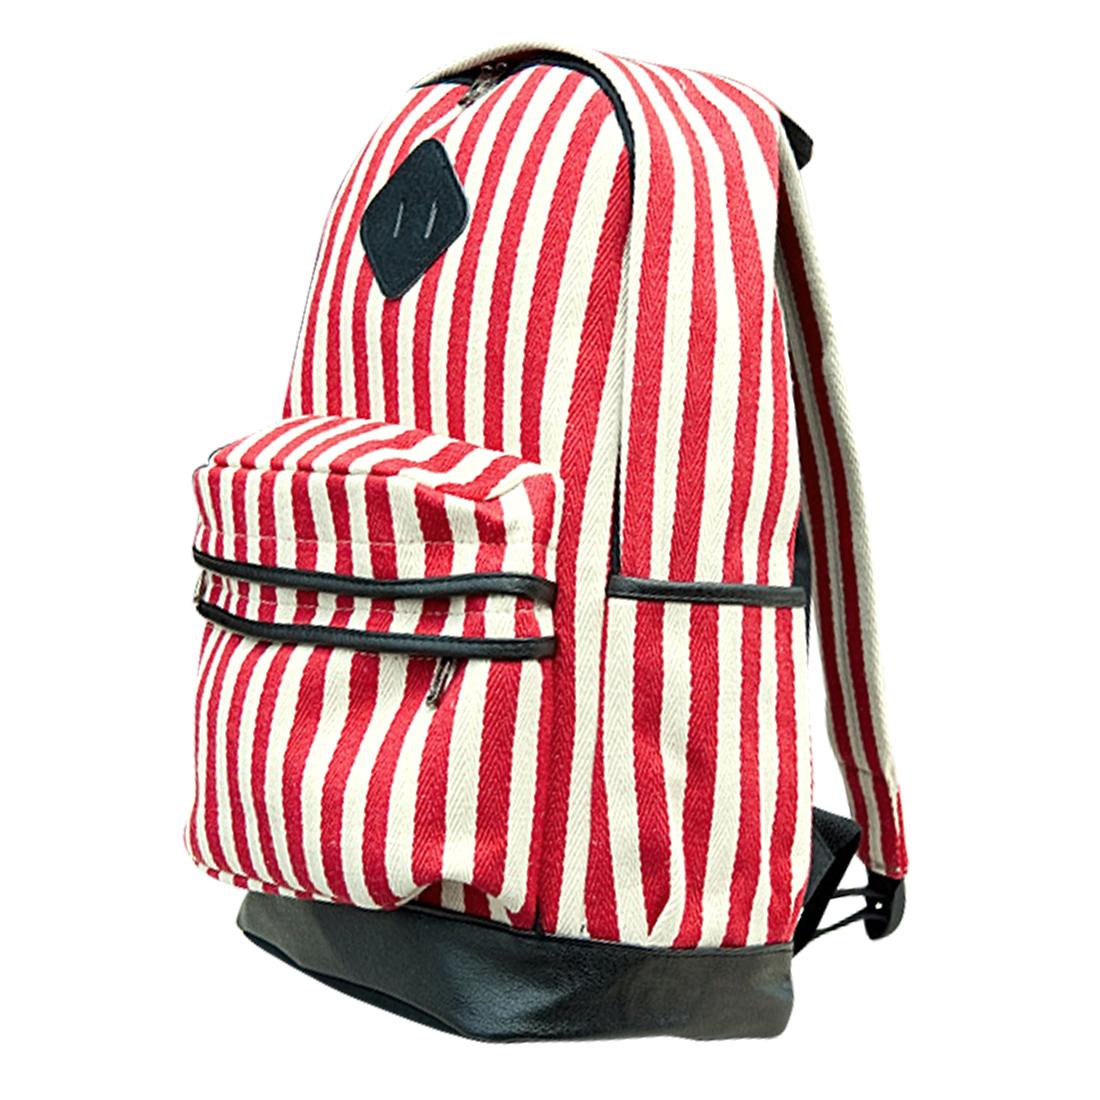 Men Adjustable Straps Zip Closure Side Pockets Backpack Red Beige